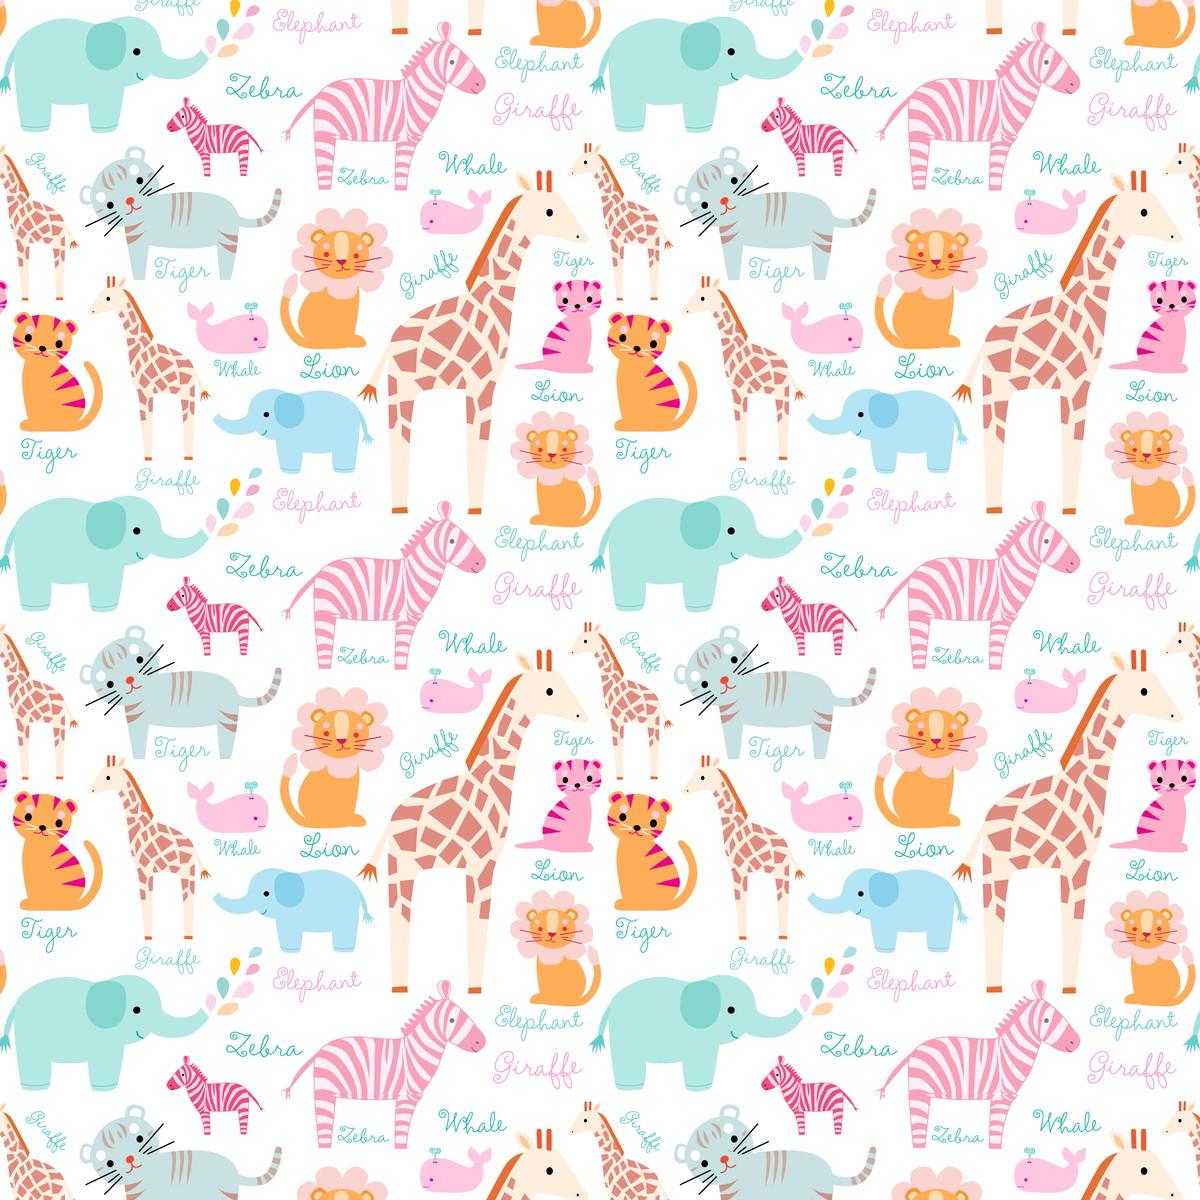 Papel de parede infantil girafas virgus adesivos for Papel pared infantil